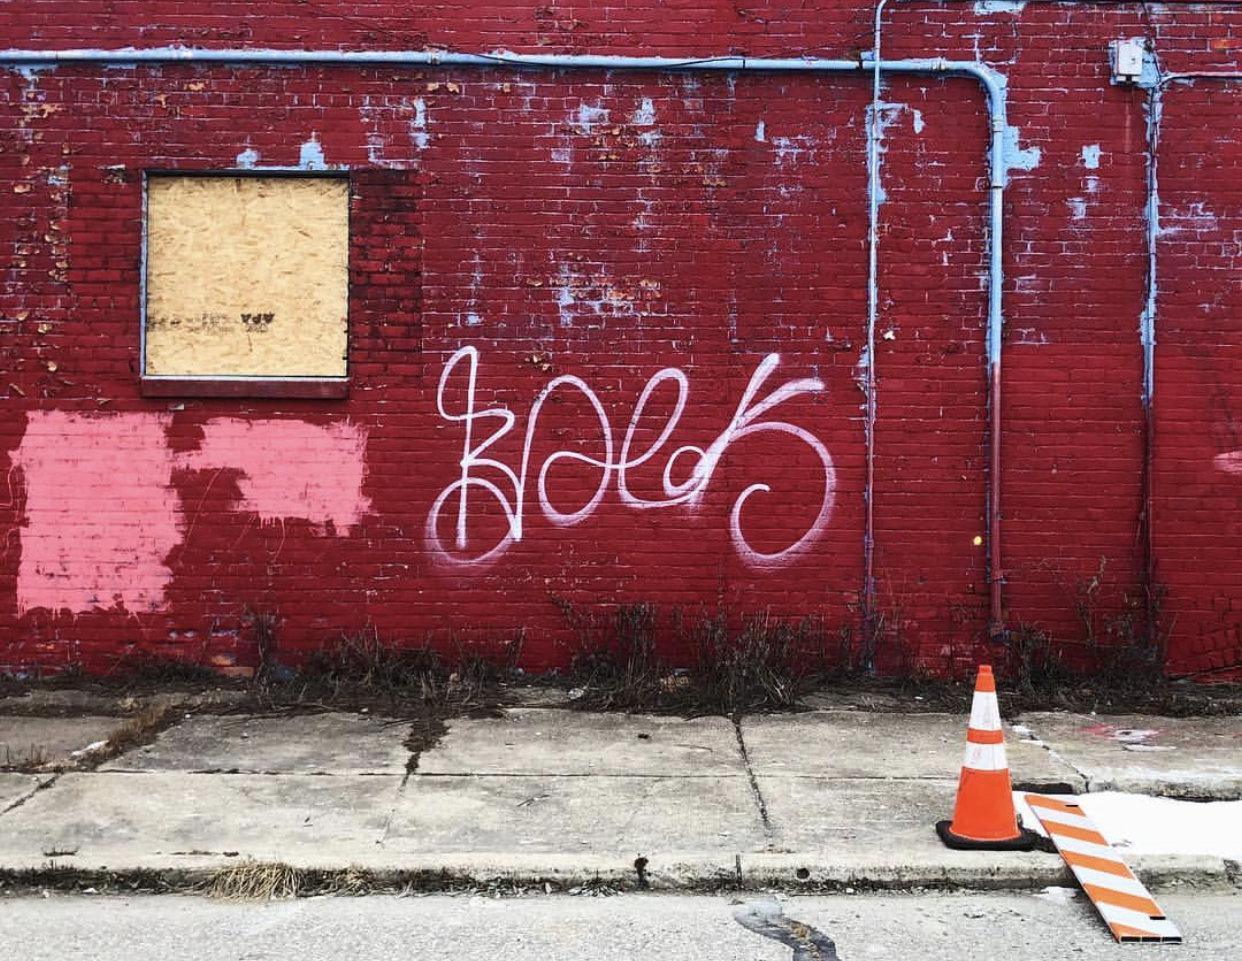 7656203B-24F1-4C1D-B503-E7DDE58EC26B.jpeg